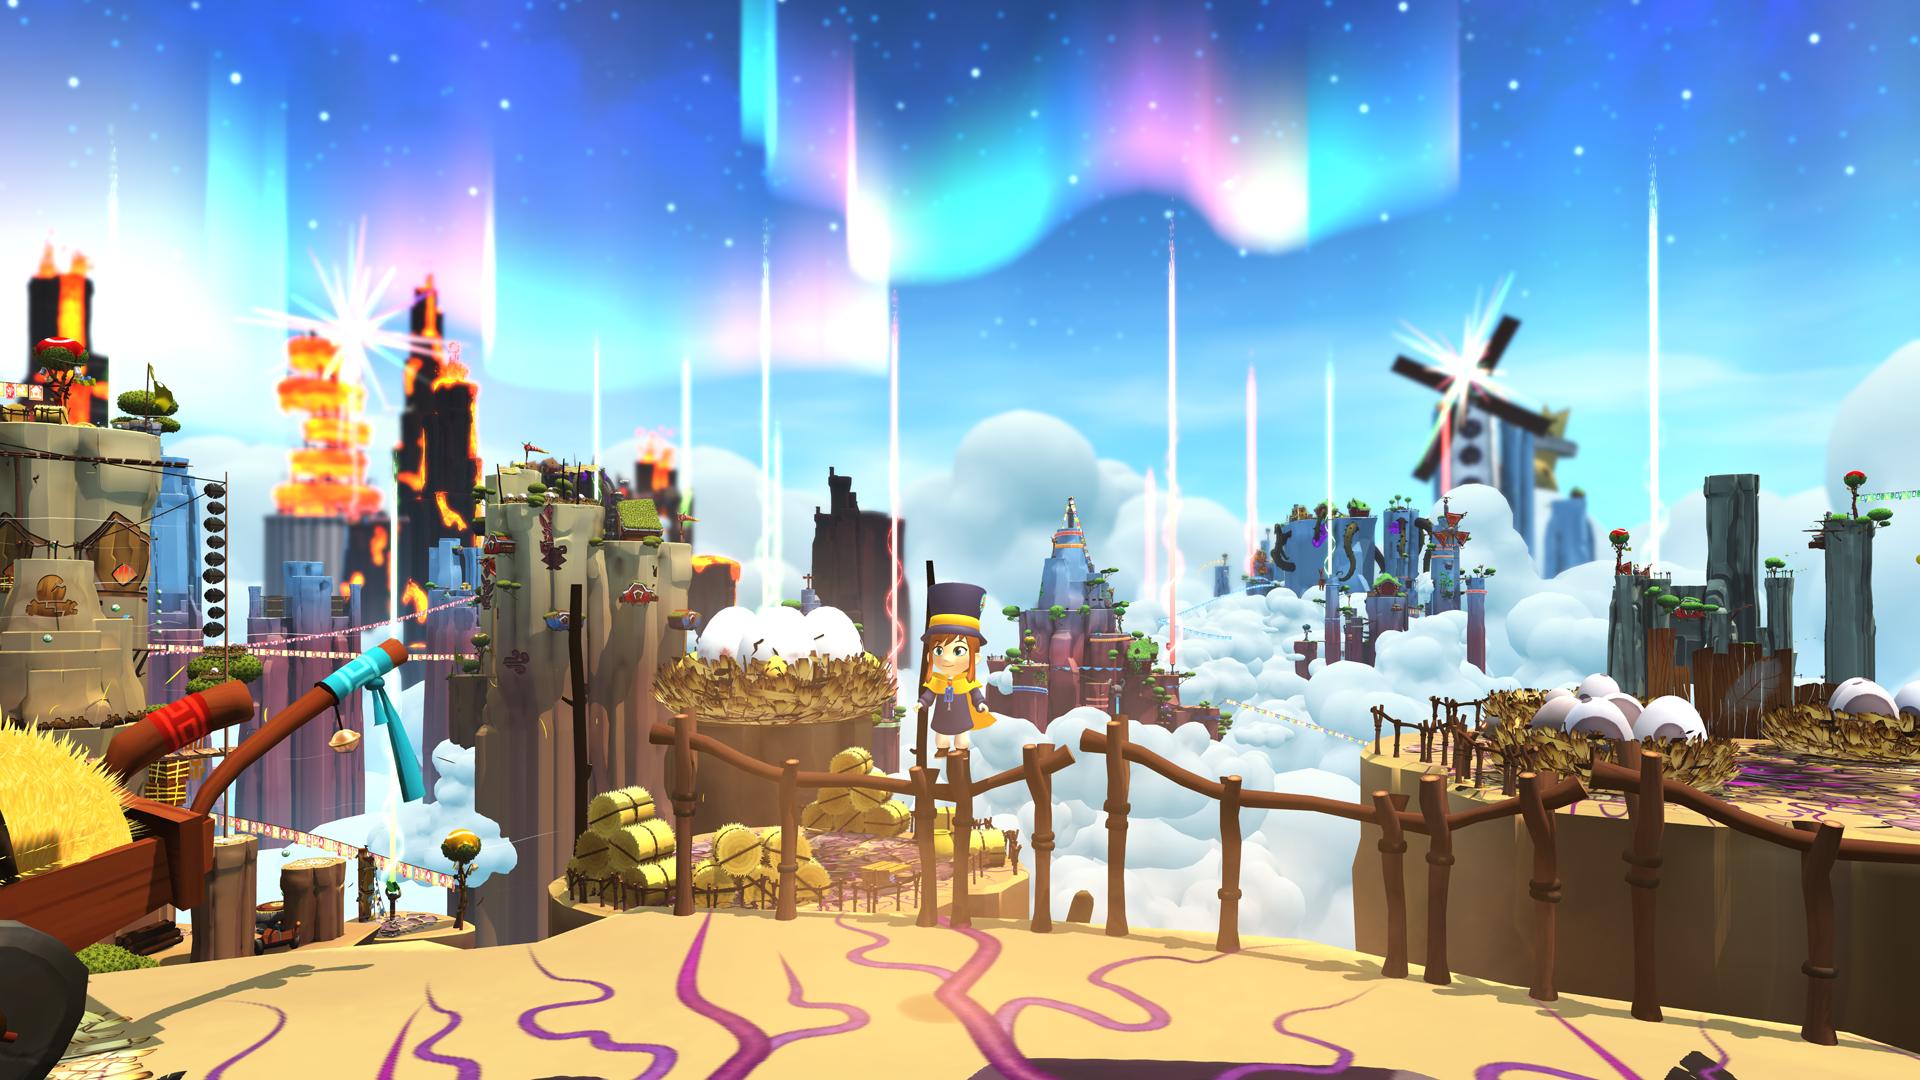 Imagem do jogo indie de plataforma 3D collectathon A Hat in Time. A imagem mostra uma série de montanhas com aparências diferentes.